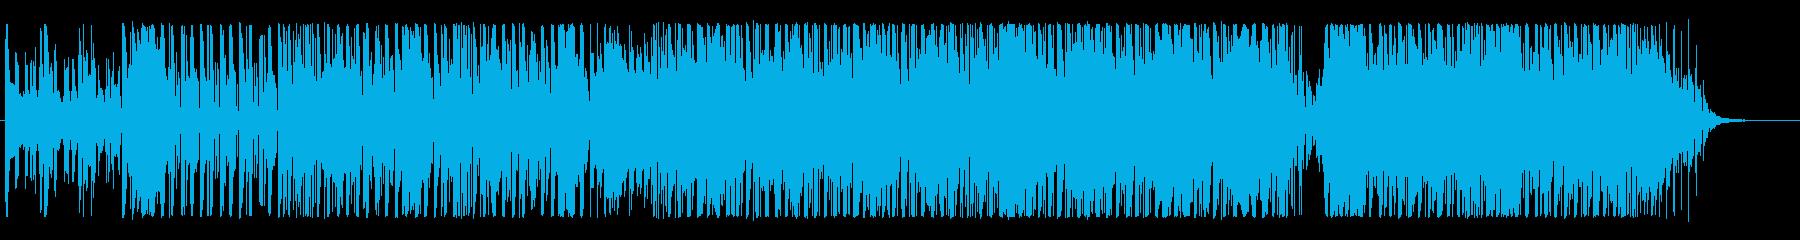 Groovy、テクノロジー、音楽、企業の再生済みの波形